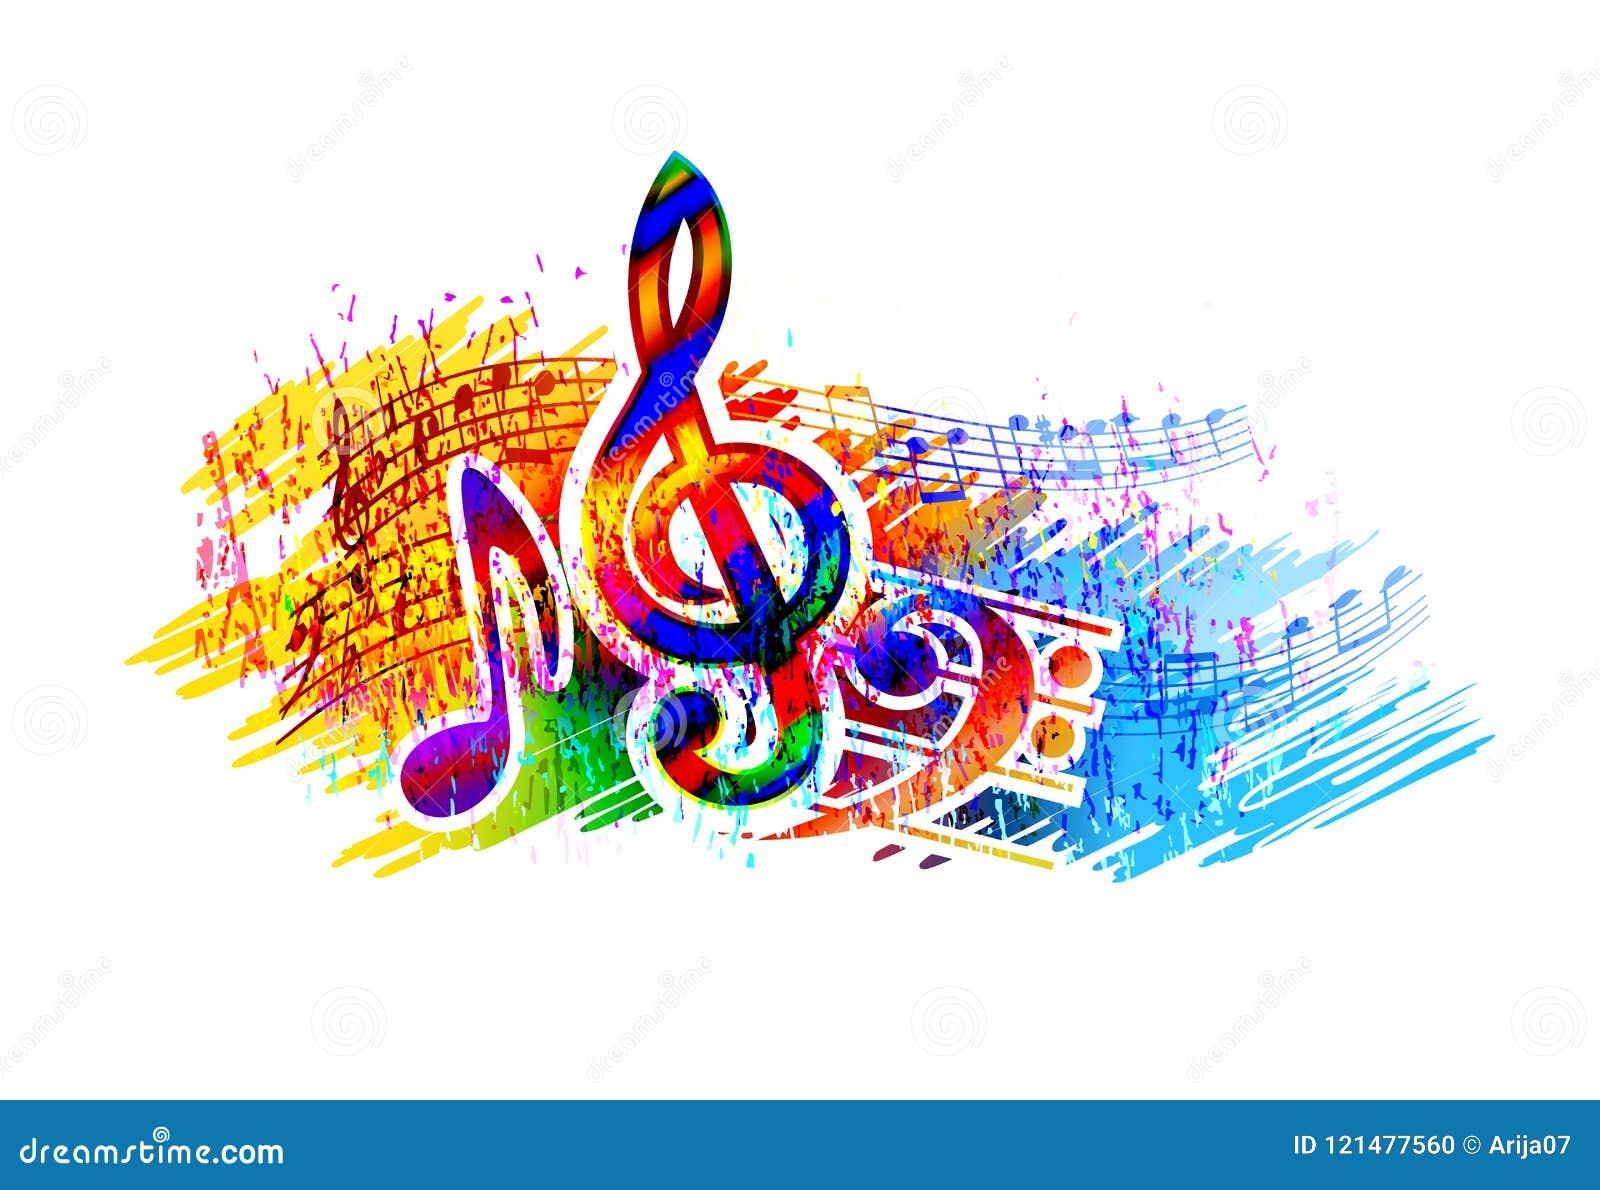 Υπόβαθρο φεστιβάλ μουσικής για το κόμμα, τη συναυλία, την τζαζ, το σχέδιο φεστιβάλ βράχου με τις σημειώσεις μουσικής, το τριπλές